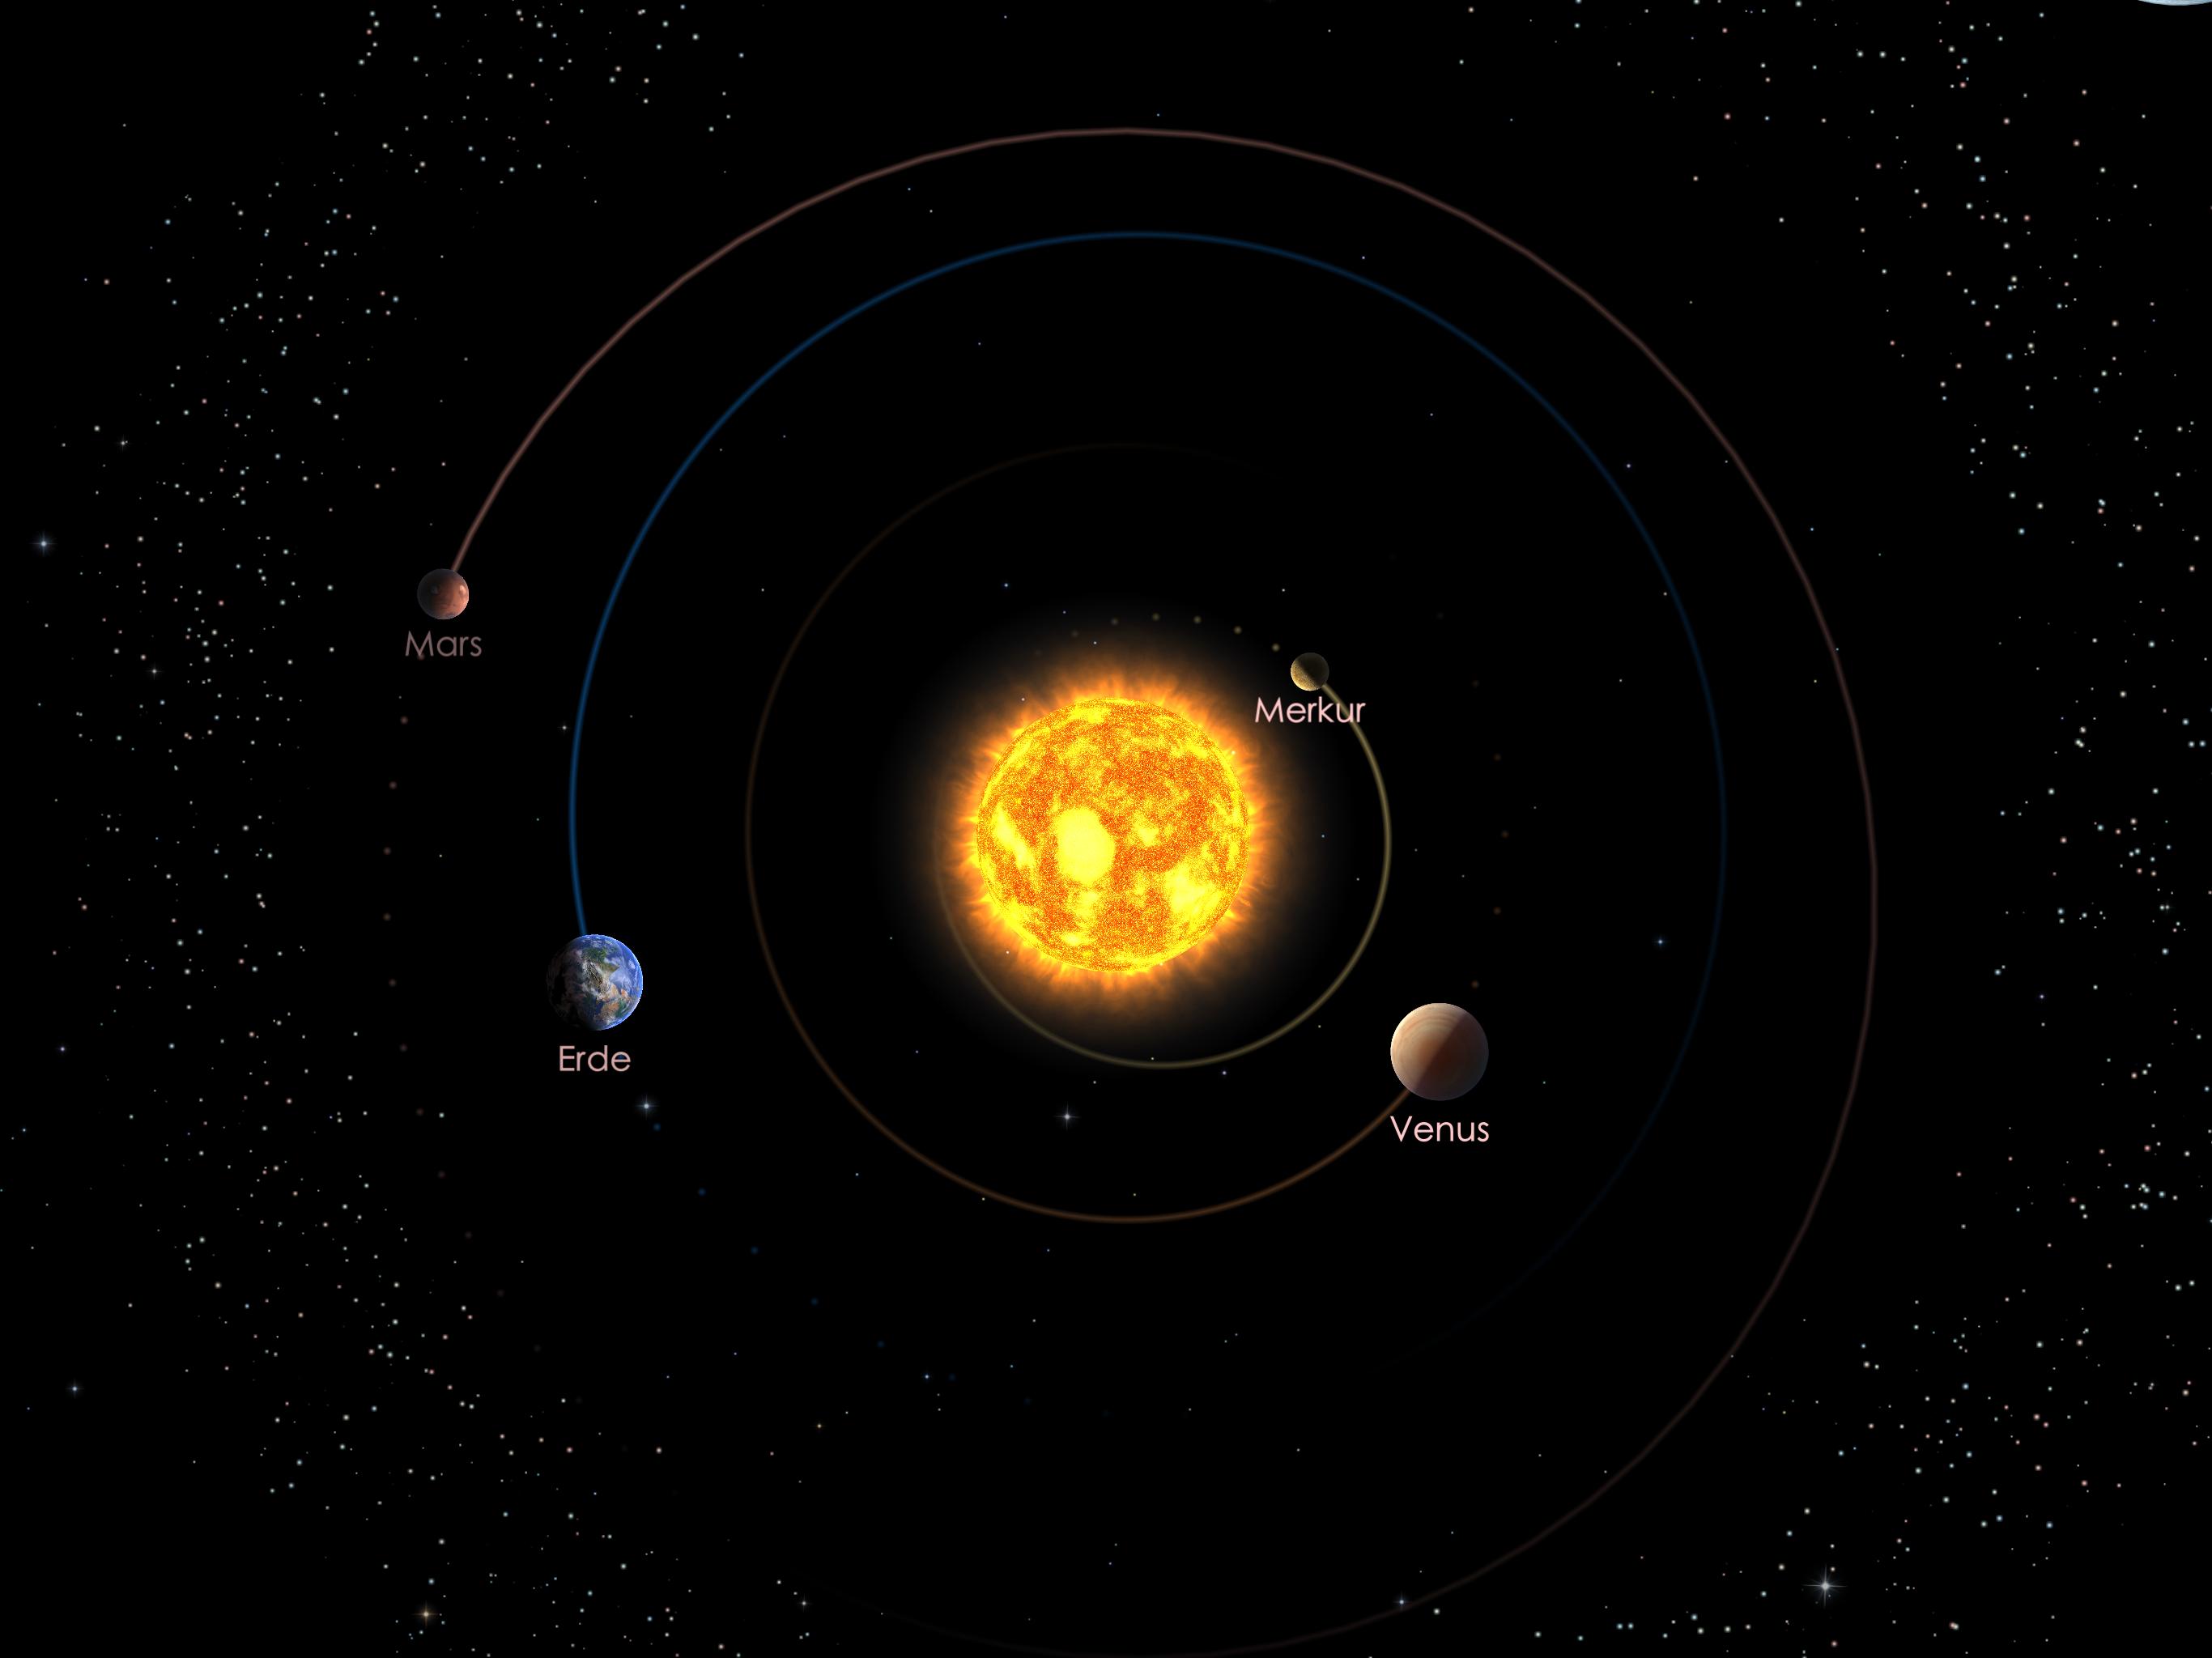 Die Positionen der inneren Planeten am 01.01.21